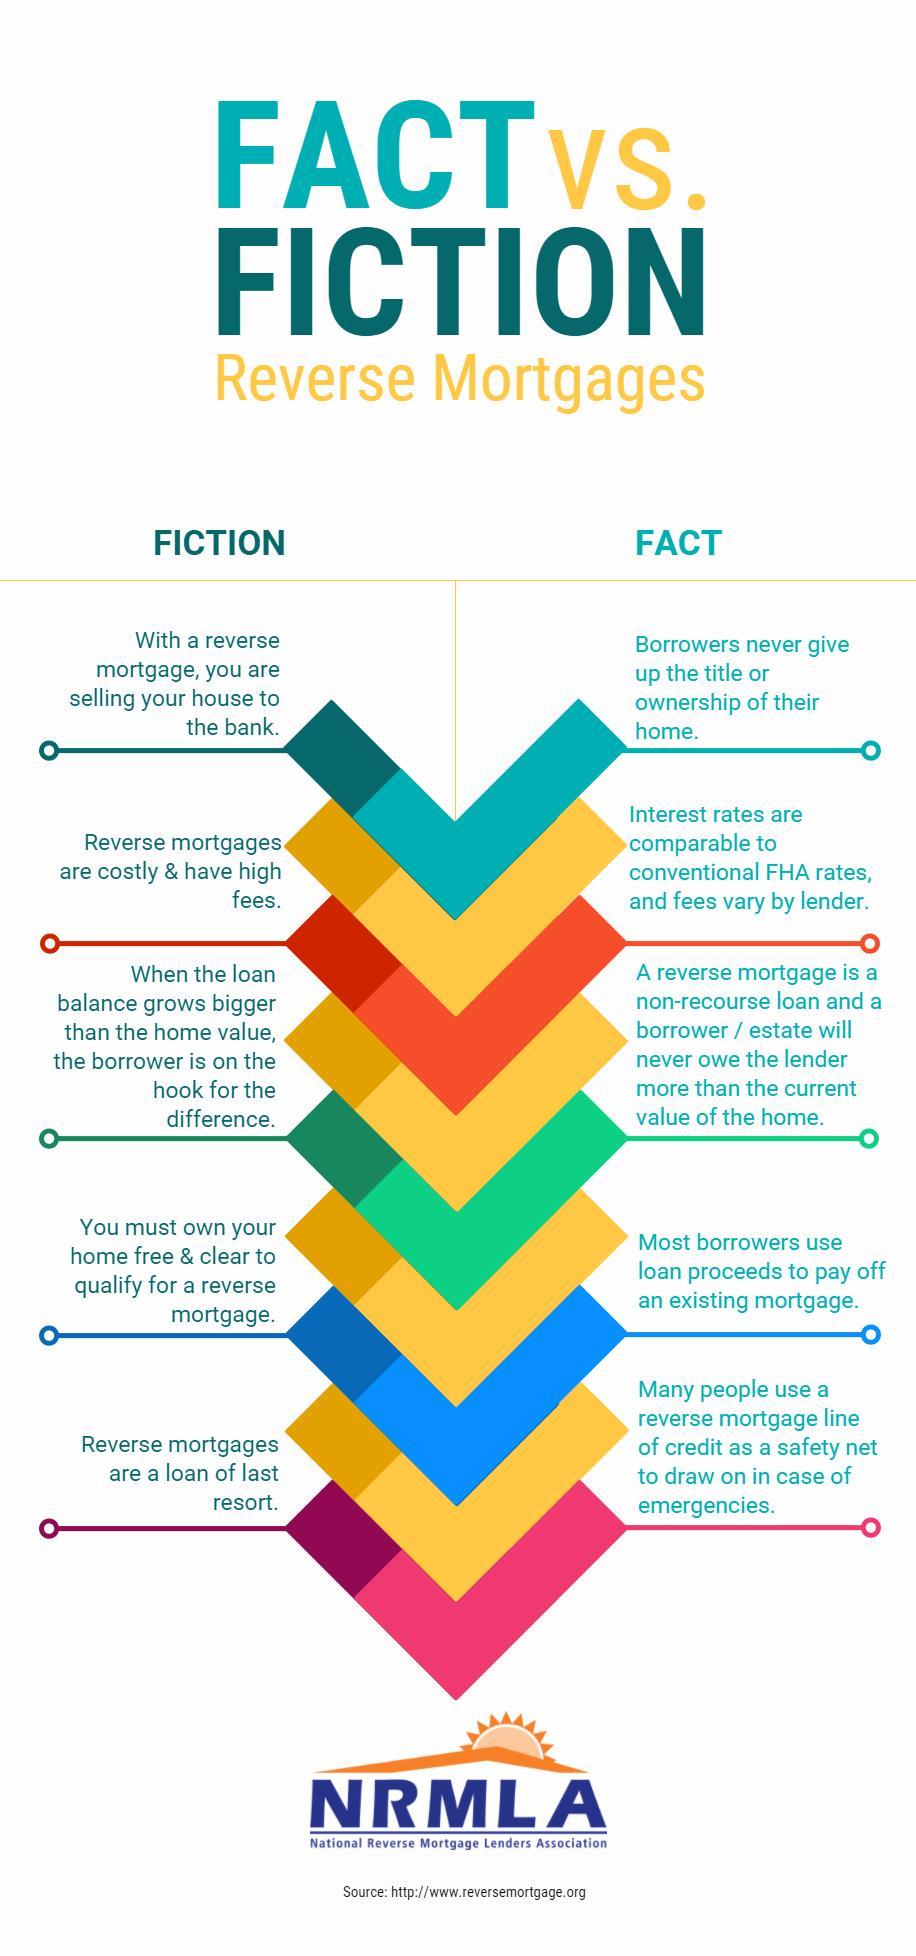 nrmla_fact_vs_fiction